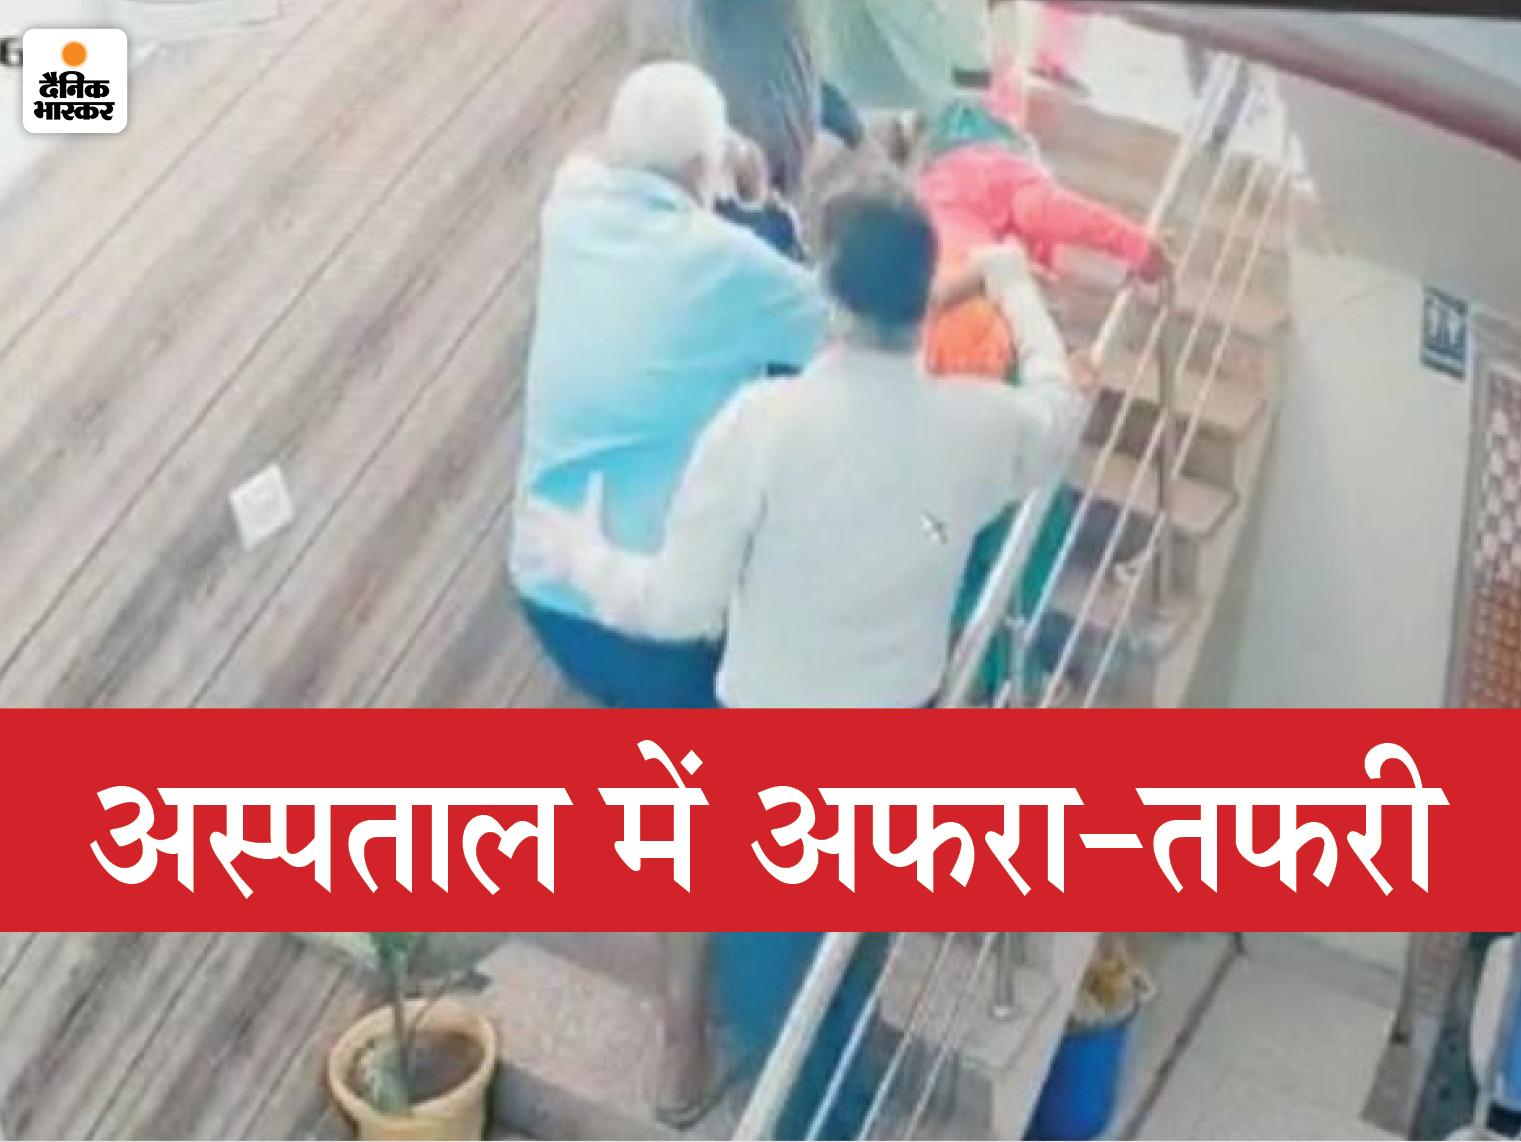 आग से बेसमेंट में बने वार्ड भरा धुआं, ऊपर शिफ्ट करने के दौरान ऑक्सीजन सपोर्ट पर रही महिला सीढ़ियों पर गिरी, दूसरे अस्पताल जाने से पहले ही दम तोड़ा|जयपुर,Jaipur - Dainik Bhaskar